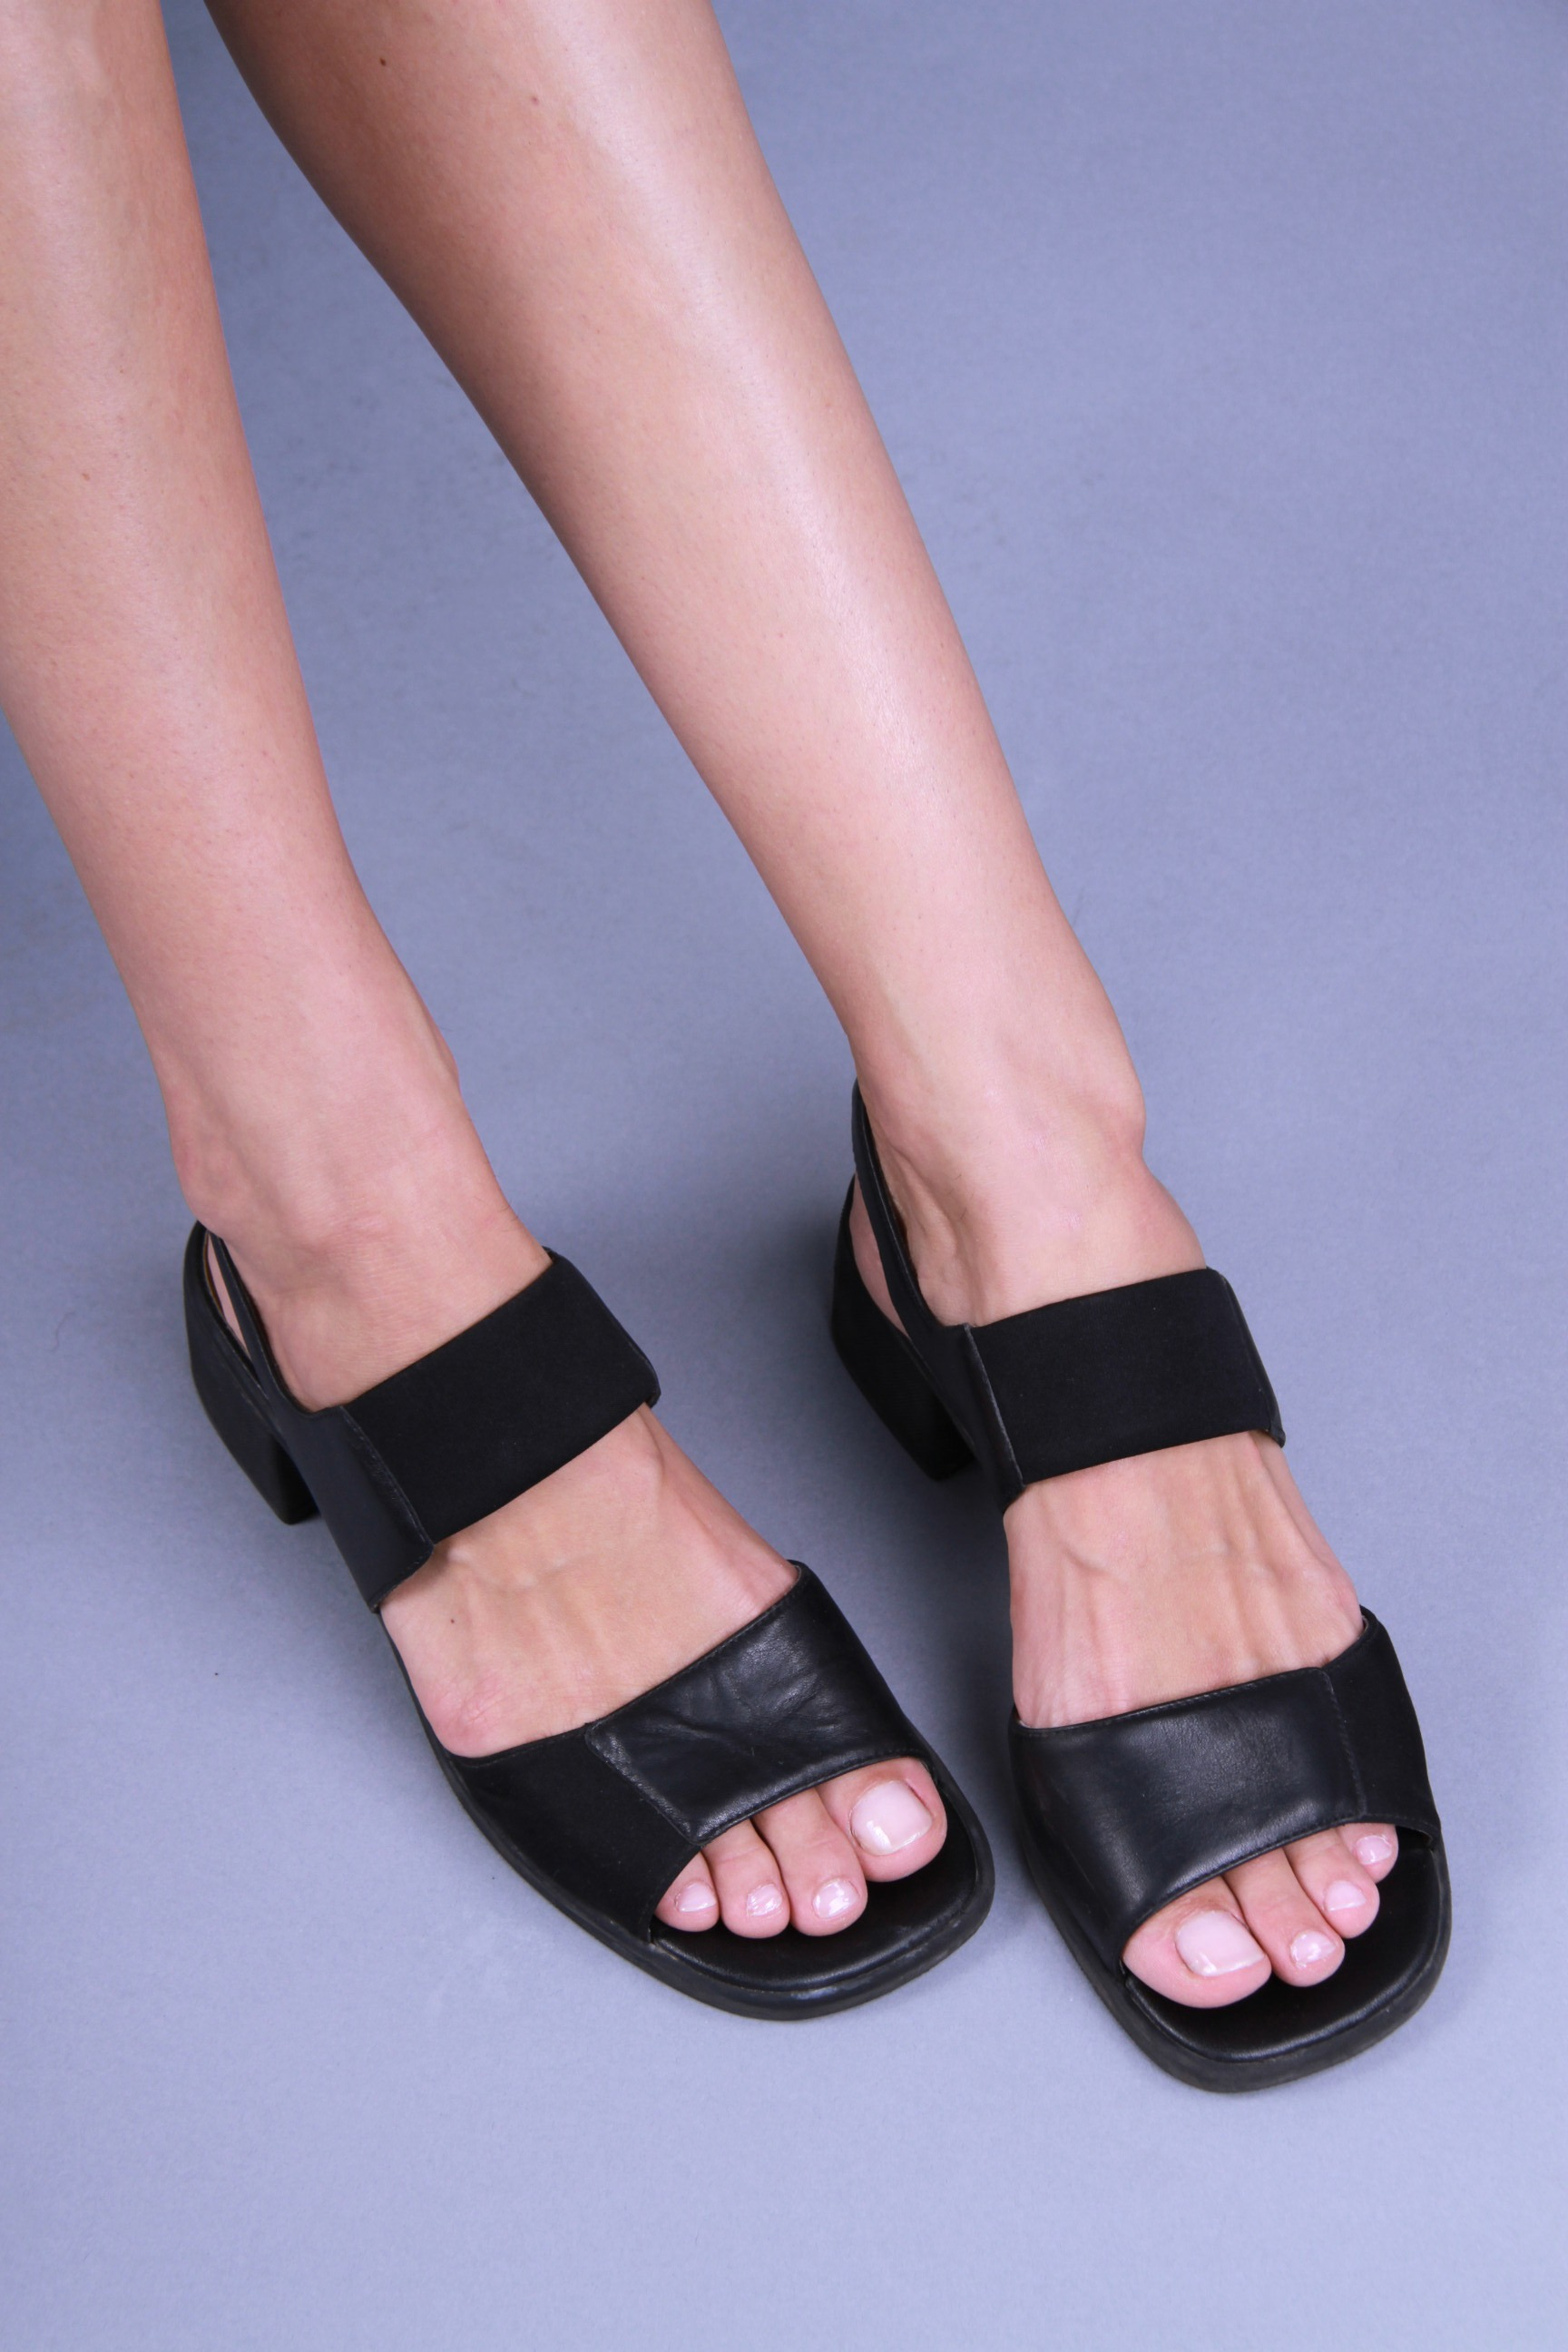 Brea Peck_Feet6